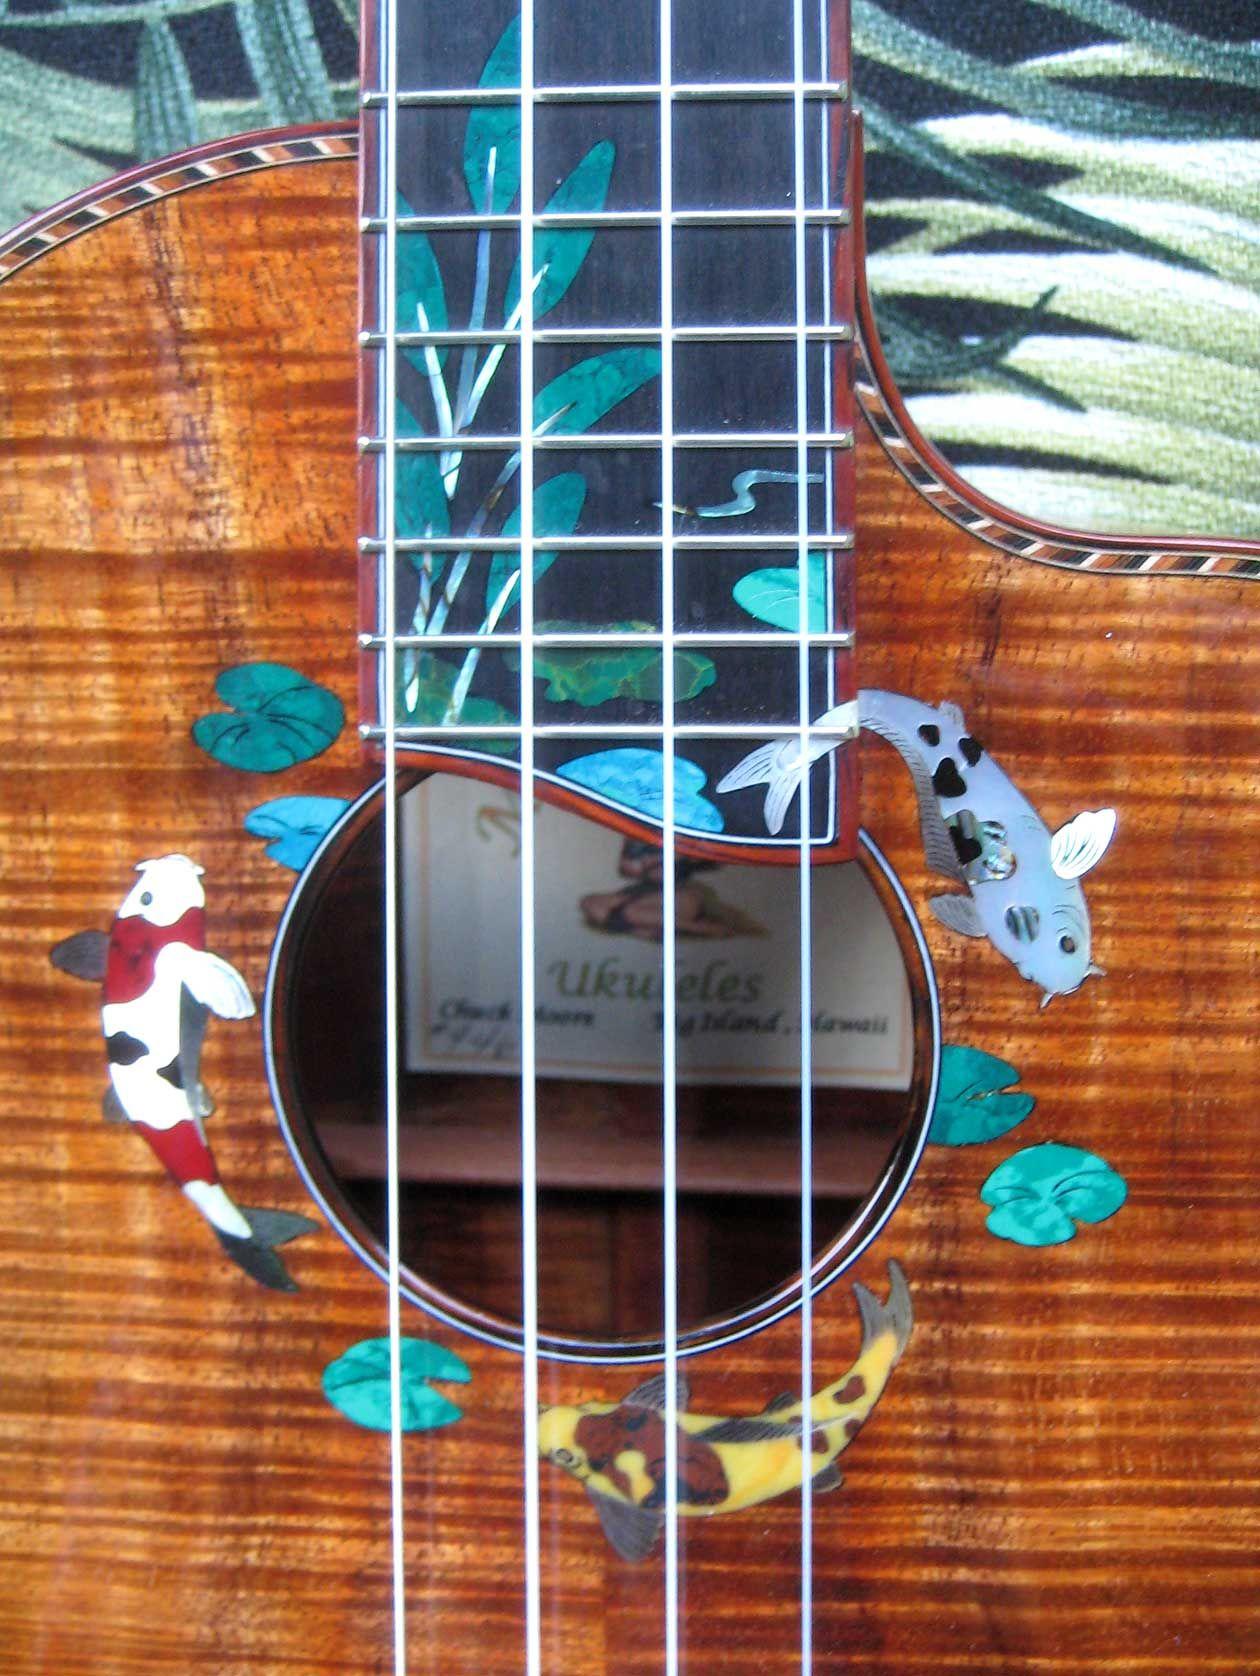 Ukulele Headstock Design Style 1 Soprano Ukulele Art